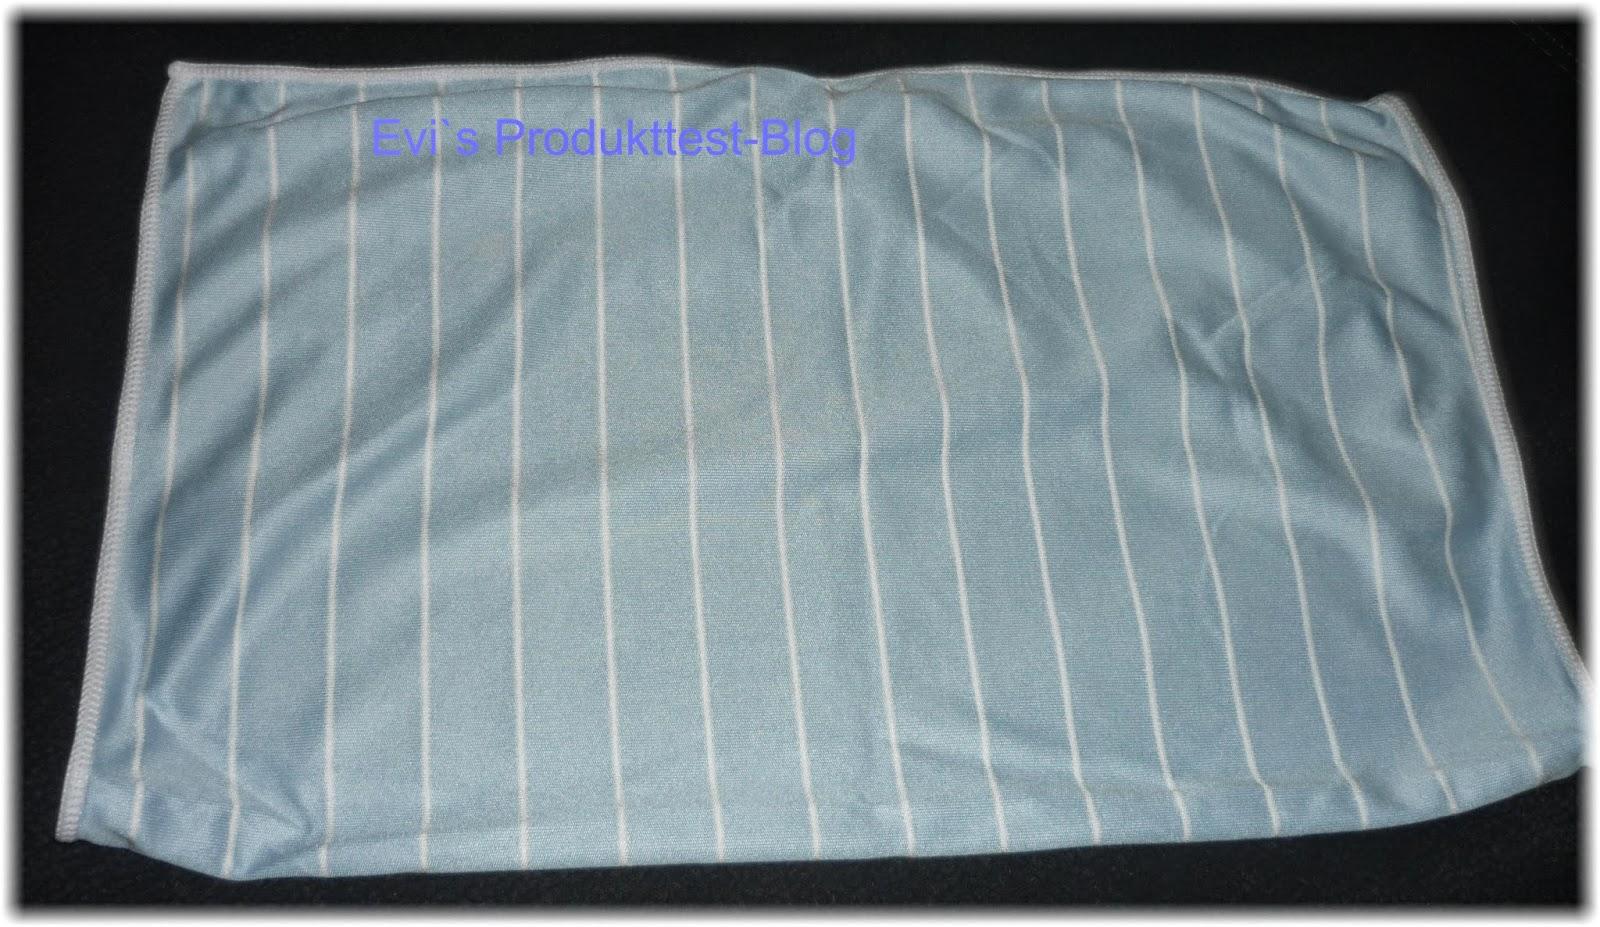 evi s produkttestblog mit dem blauen wunder viel schneller die hausarbeit erledigt. Black Bedroom Furniture Sets. Home Design Ideas